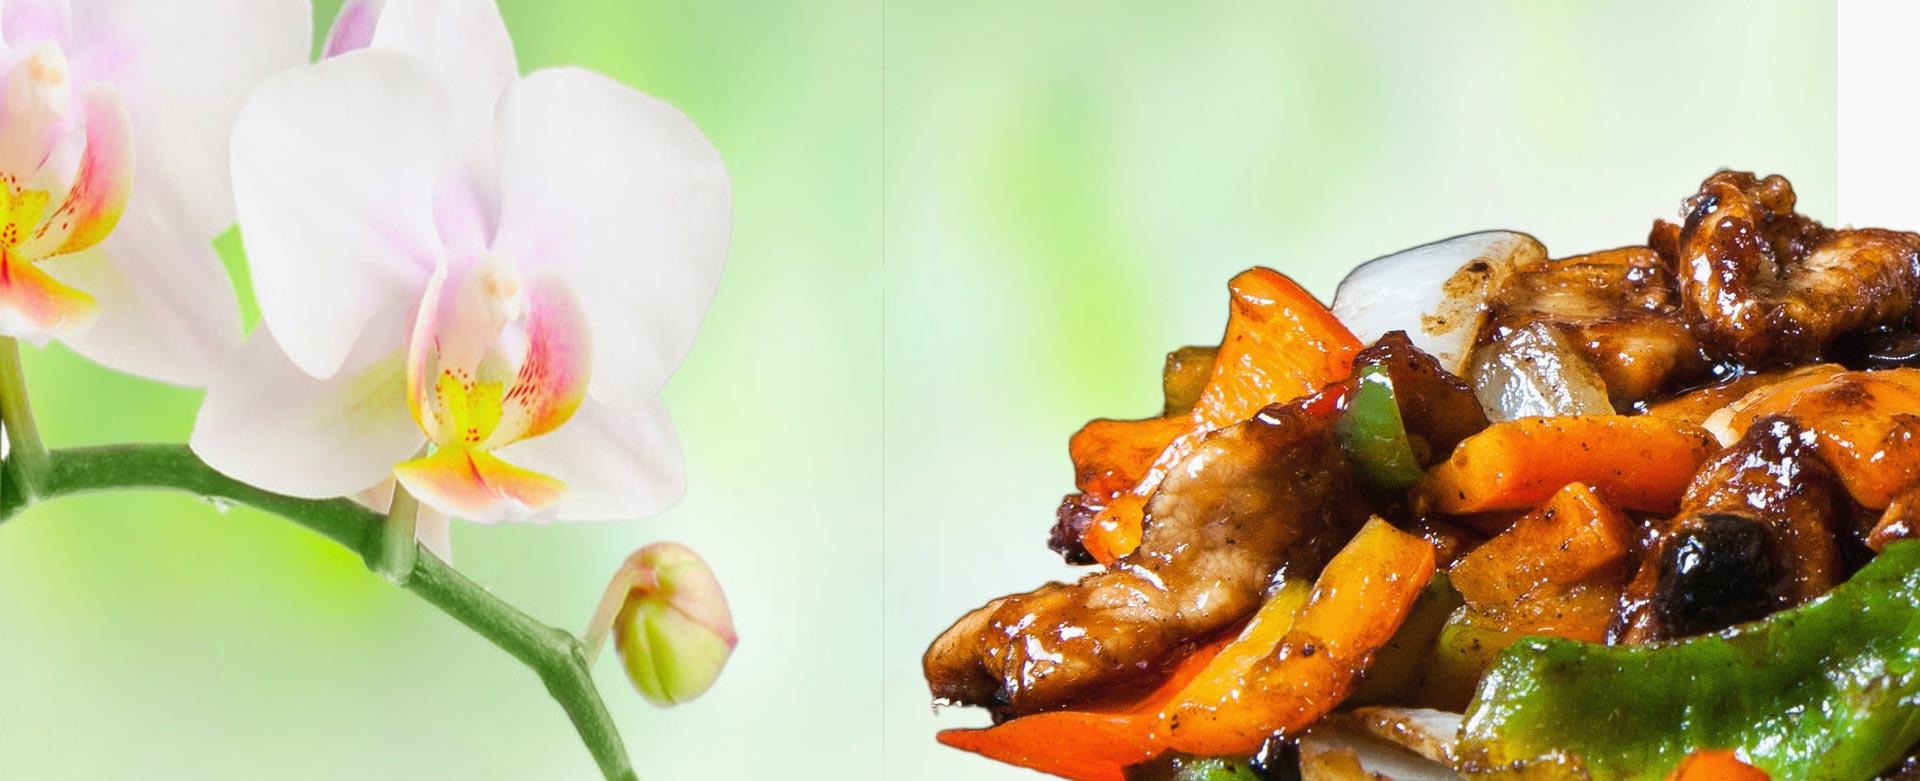 Porc pe plită încinsă, un preparat de porc absolut irezistibil, deosebit de gustos, ce îmbină aroma legumelor proaspete cu măiestria bucătarilor Huan, Noa şi Shu Shu şi bineînteles nelipsitele condimente chinezeşti.